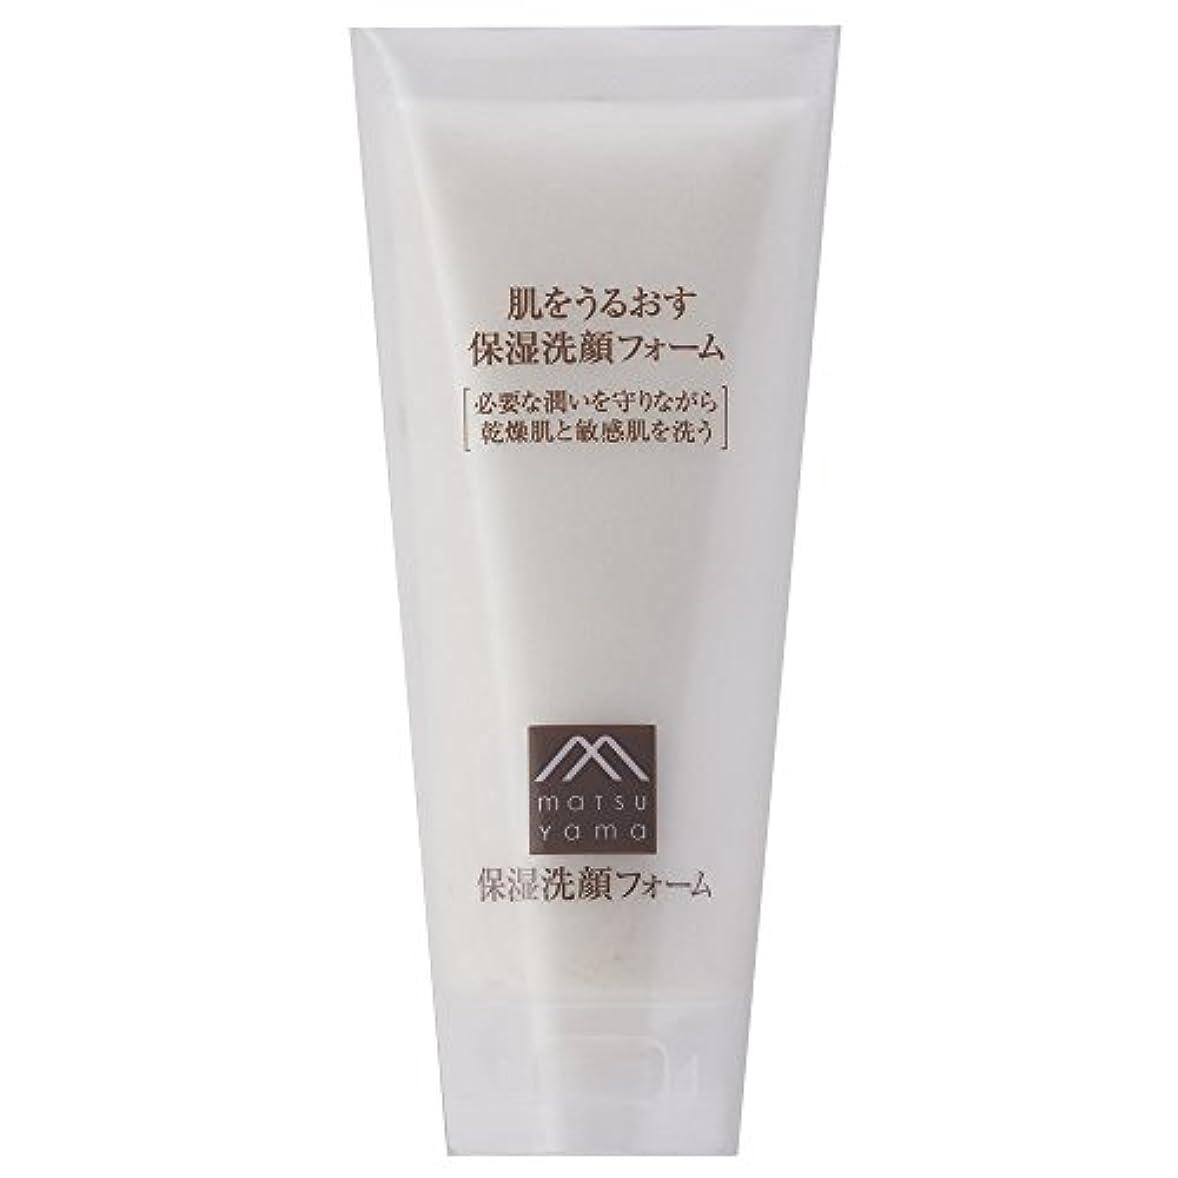 有益シロクマ振動する肌をうるおす保湿洗顔フォーム(洗顔料) [乾燥肌 敏感肌]